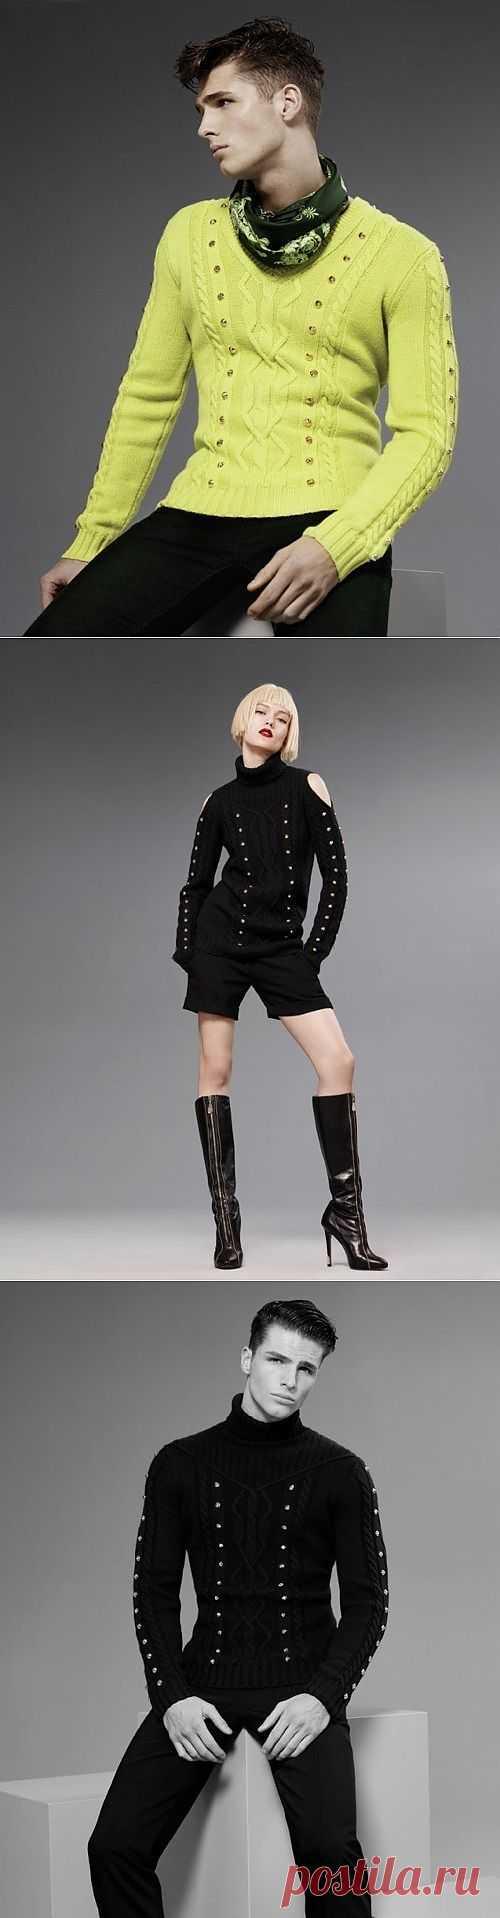 Три свитера с оригинальным декором / Свитер / Модный сайт о стильной переделке одежды и интерьера